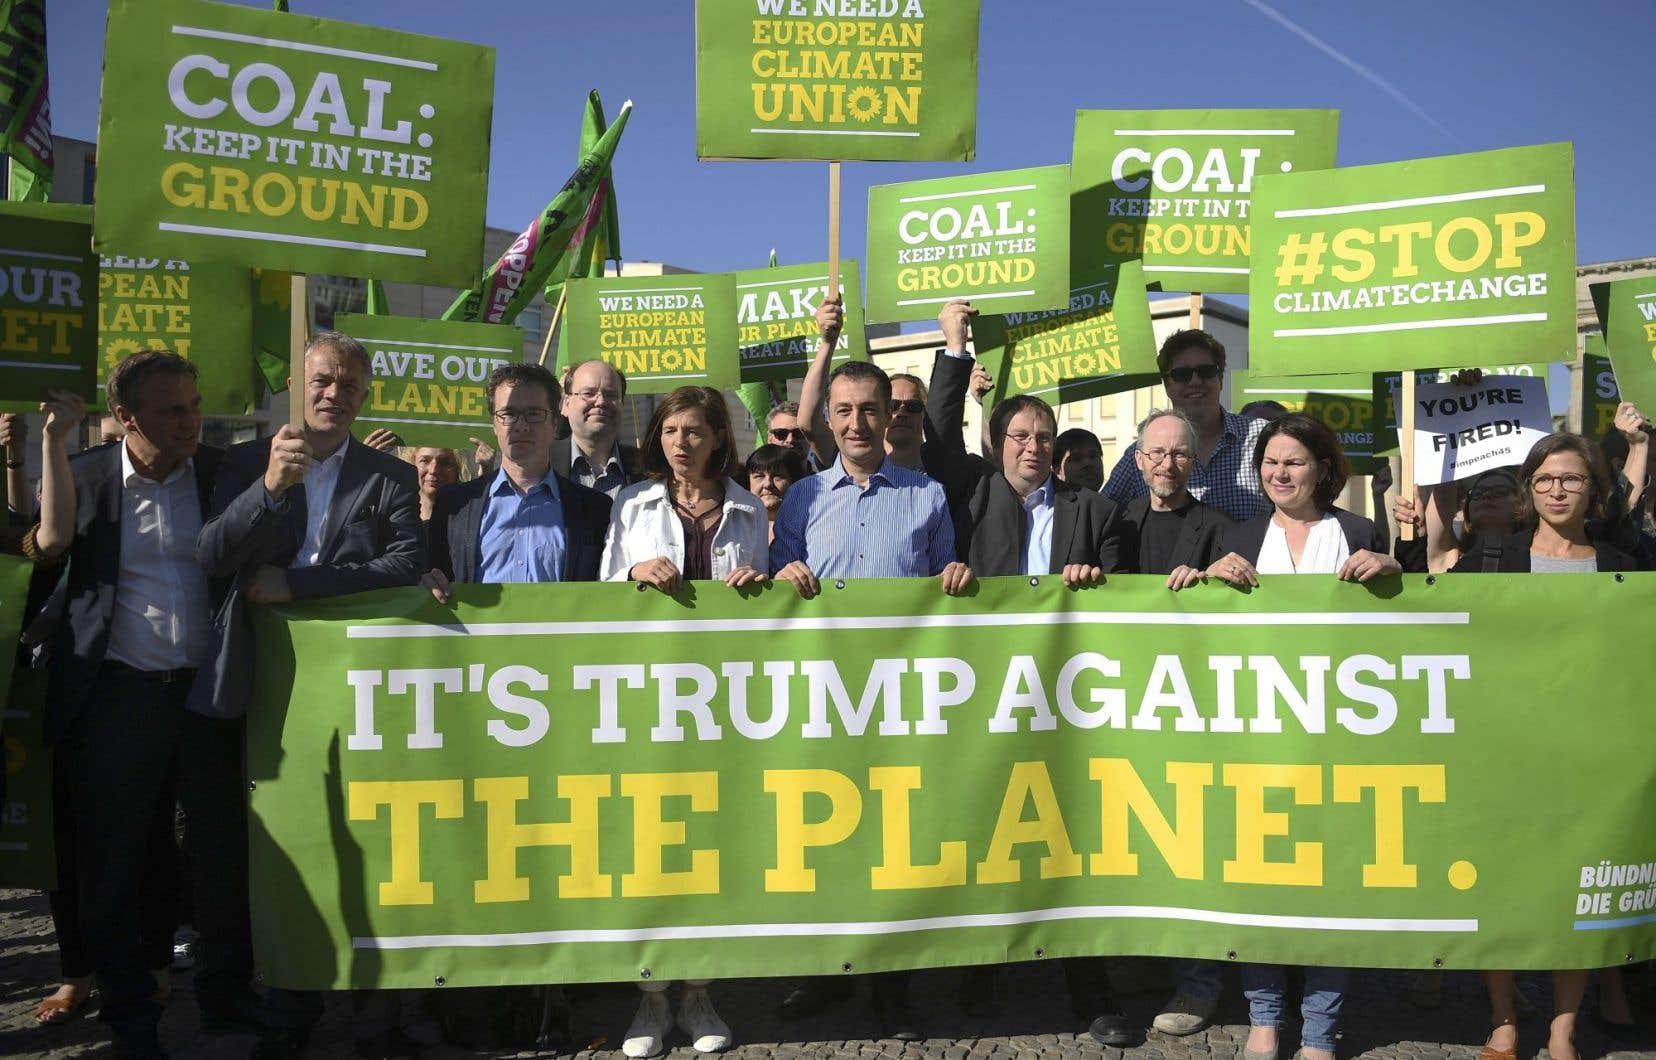 Devant l'ambassade des États-Unis à Berlin, en Allemagne, des manifestants, dont des candidats du Parti vert, ont protesté vendredi contre la décision du président Donald Trump de se retirer de l'Accord de Paris. «C'est Trump contre la planète», peut-on lire sur la bannière.